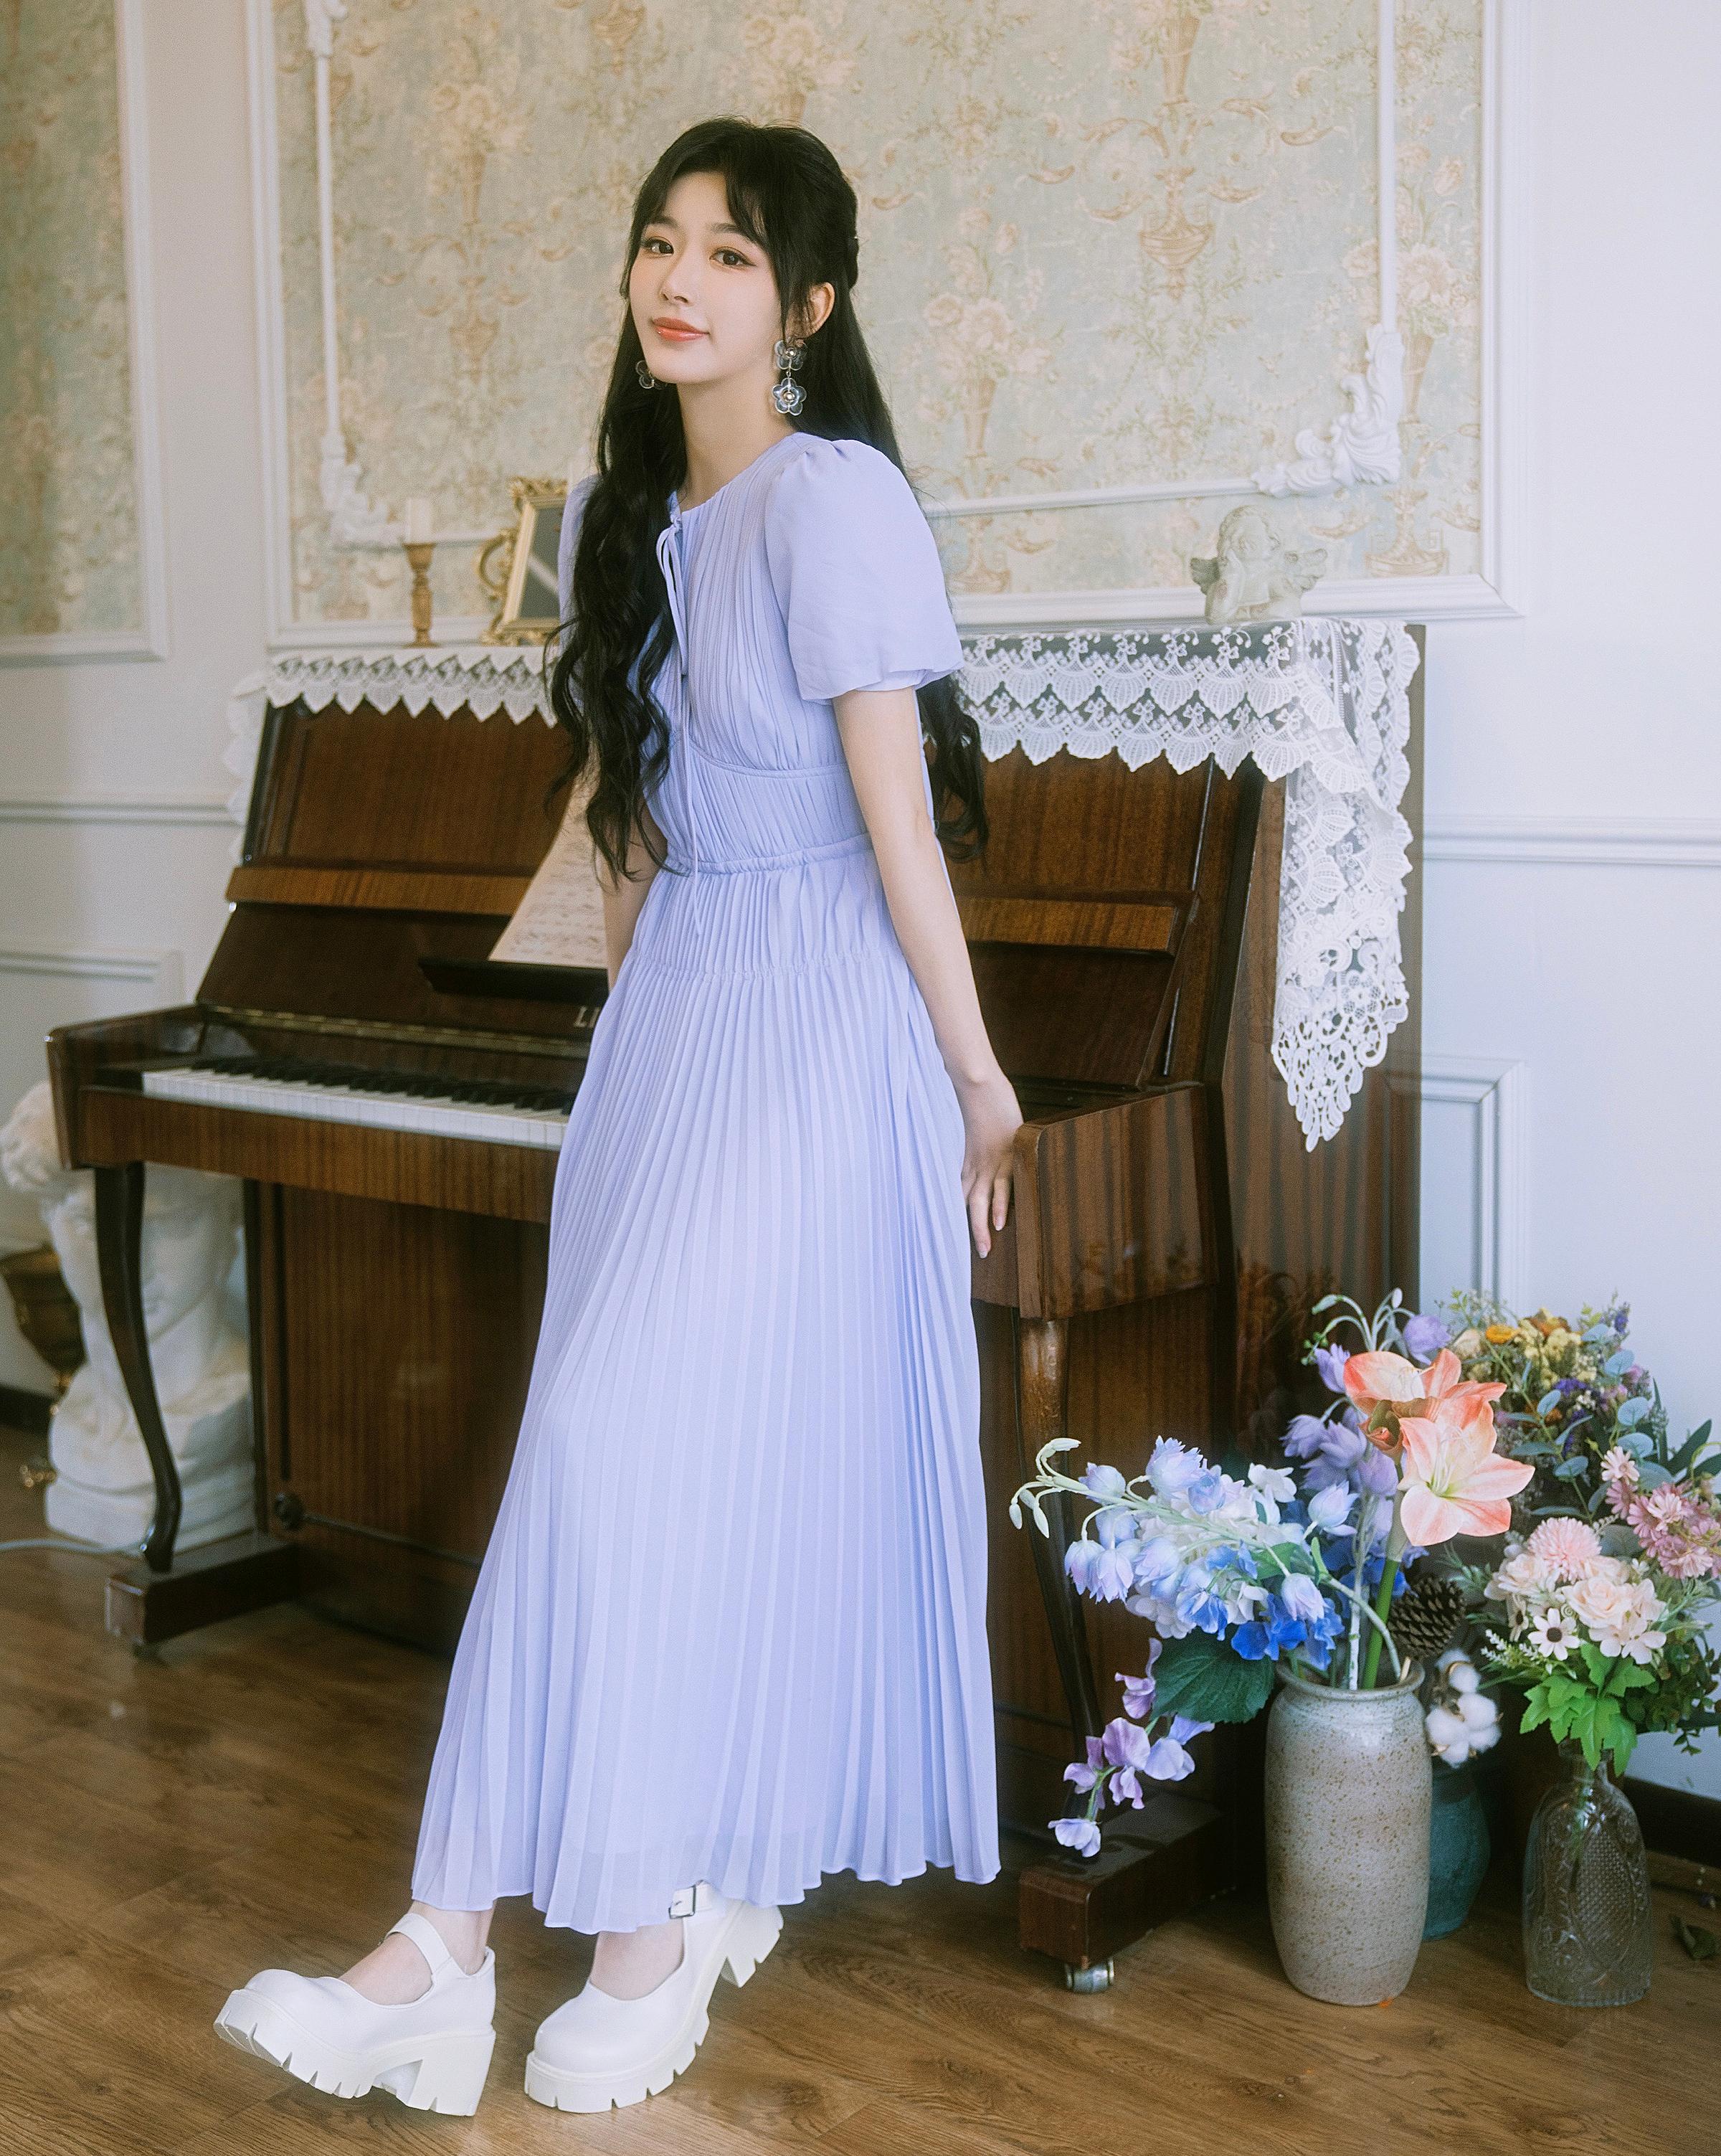 Những bộ đầm voan dài mềm mại được cô khéo kết hợp cùng kiểu tóc buộc nửa và những món trang sức điệu đà.